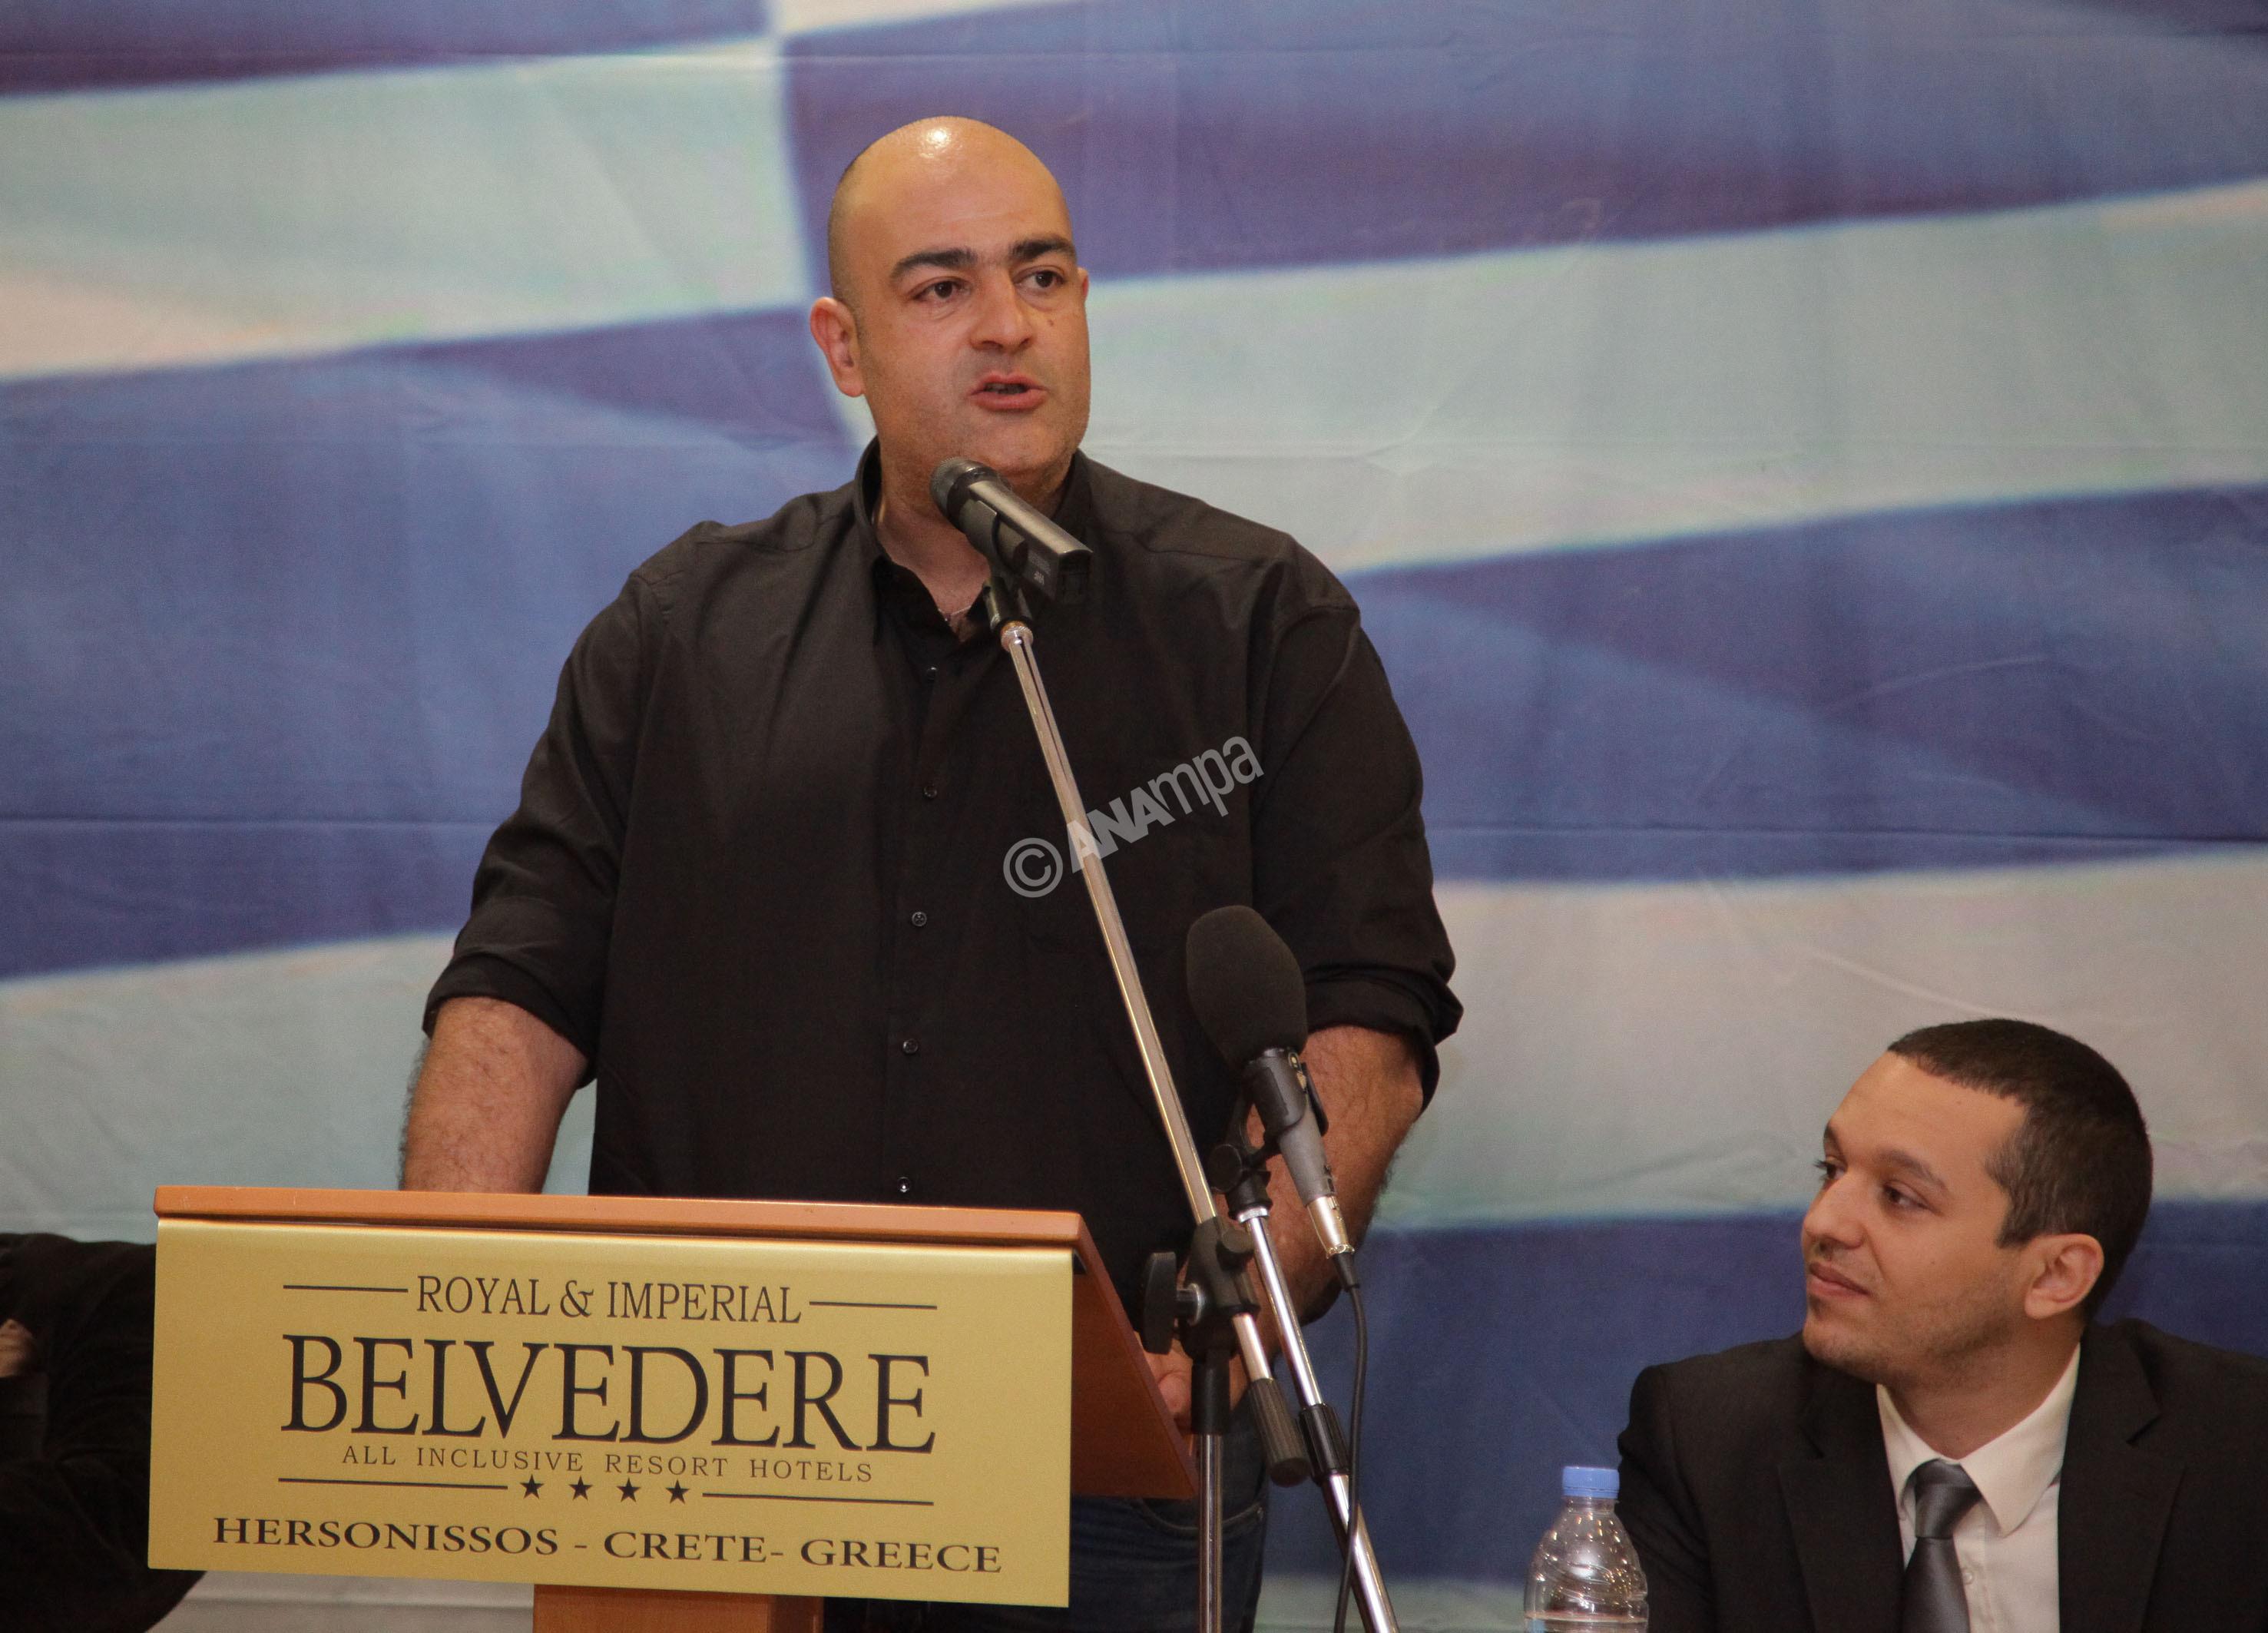 Στο βήμα μιλάει ο υποψήφιος περιφερειάρχης Κρήτης Γιώργος Σπυρόπουλος στην εκδήλωση της Χρυσής Αυγής που πραγματοποιήθηκε στη Χερσόνησο στο Ηράκλειο για να ανακοινώσει τους υποψήφιους για τις επερχόμενες αυτοδιοικητικές εκλογές στη Κρήτη, με την παρουσία πρωτοκλασάτων στελεχών του κόμματος, Κυριακή 23 Φεβρουαρίου 2014. Το παρόν έδωσαν οι βουλευτές Ηλίας Κασιδιάρης, Ελένη Ζαρούλια, Ηλίας Παναγιώταρος, Δημήτρης Κουκούτσης και ο Μιχάλης Αρβανίτης. Ο Γιώργος Σπυρόπουλος εν ενεργεία αστυνομικός με καταγωγή από τα Σφακιά θα είναι ο υποψήφιος Περιφερειάρχης Κρήτης για τη Χρυσή Αυγή. ΑΠΕ-ΜΠΕ/ΑΠΕ-ΜΠΕ/ΣΤΕΦΑΝΟΣ ΡΑΠΑΝΗΣ